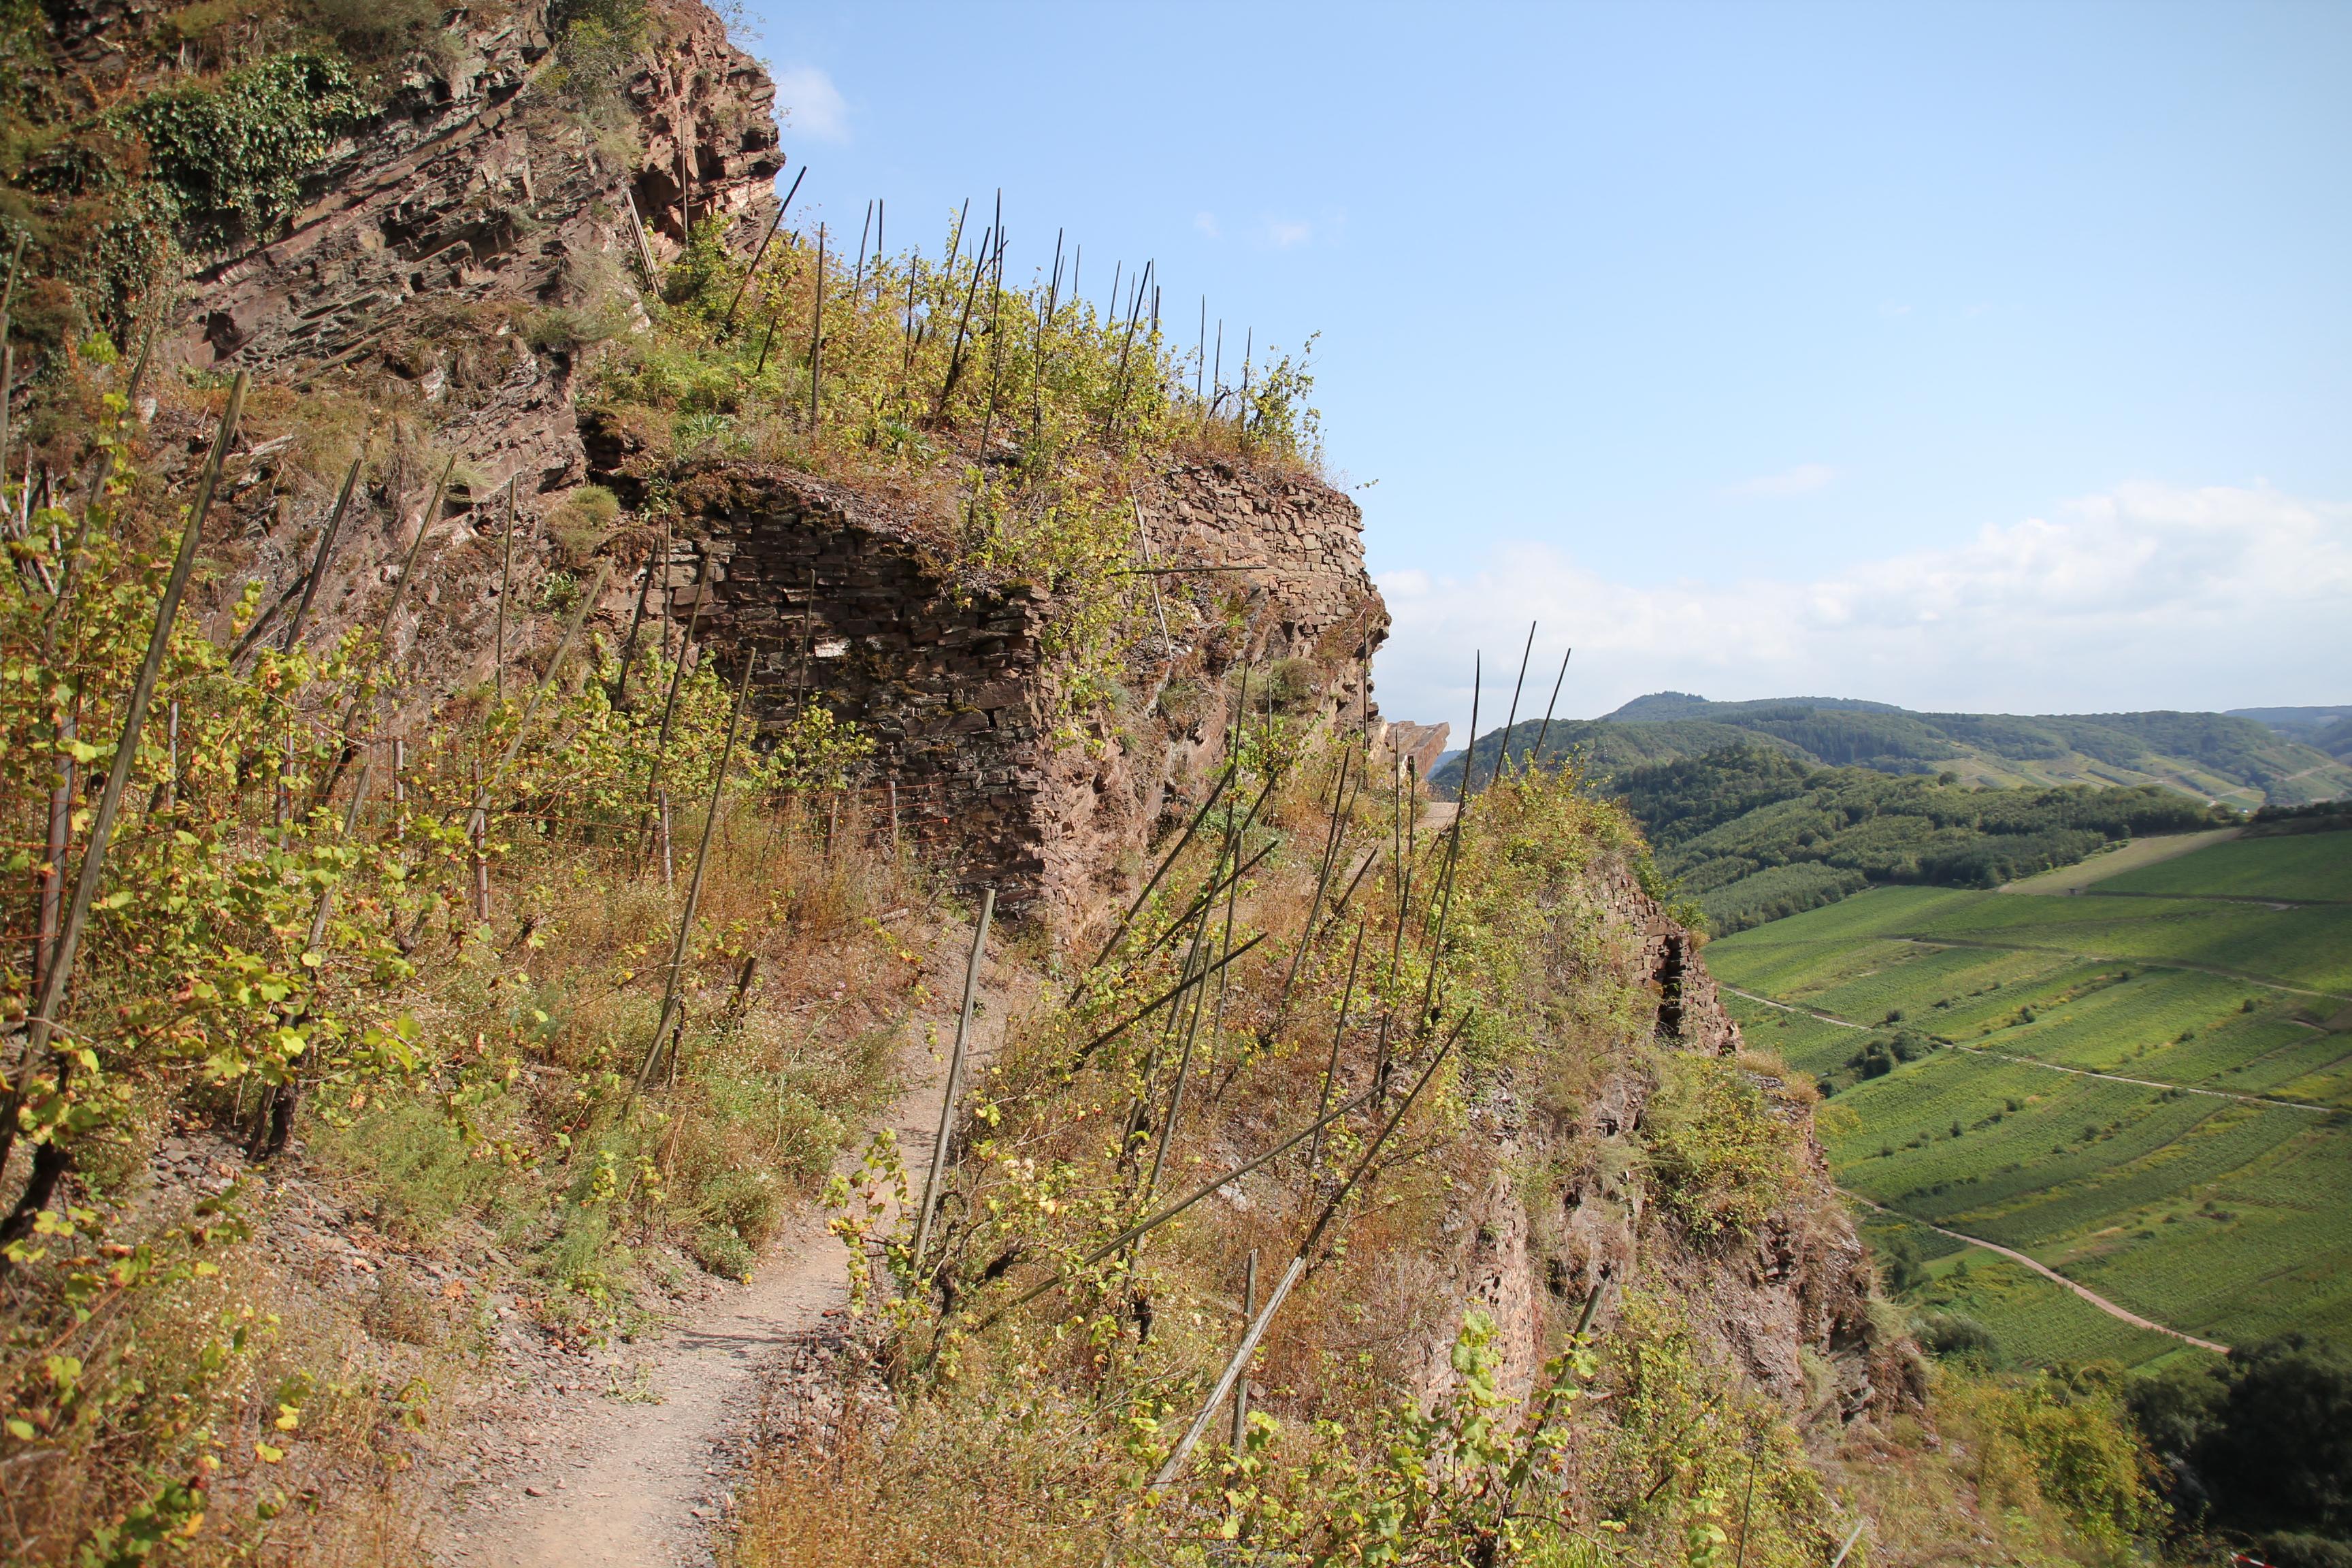 Klettersteig Calmont : Datei:calmont klettersteig.jpg u2013 wikipedia